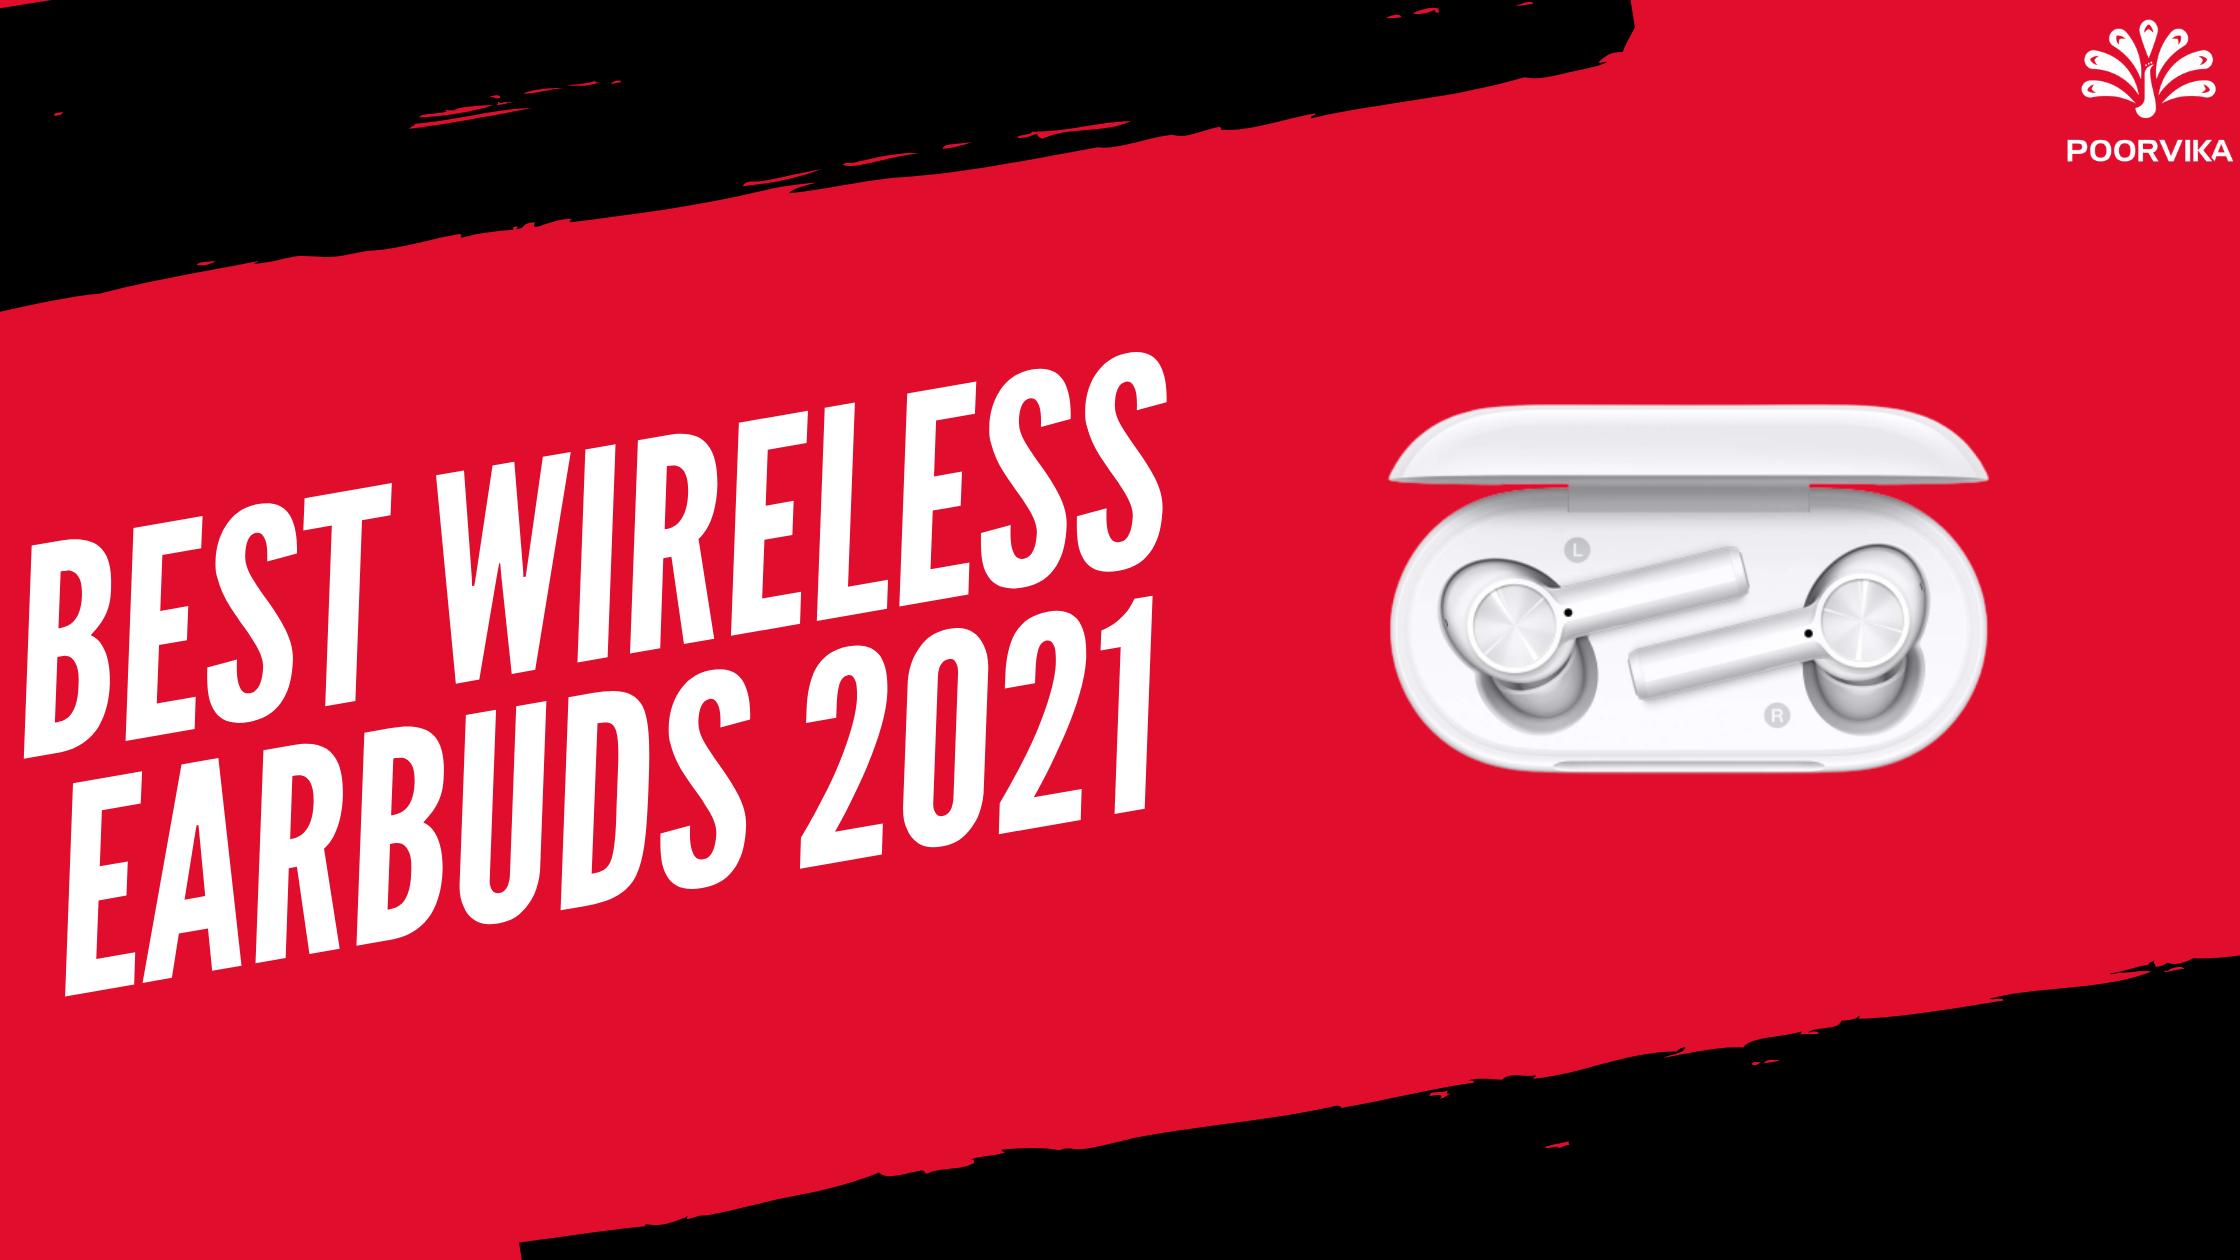 st Wireless Earbuds 2021